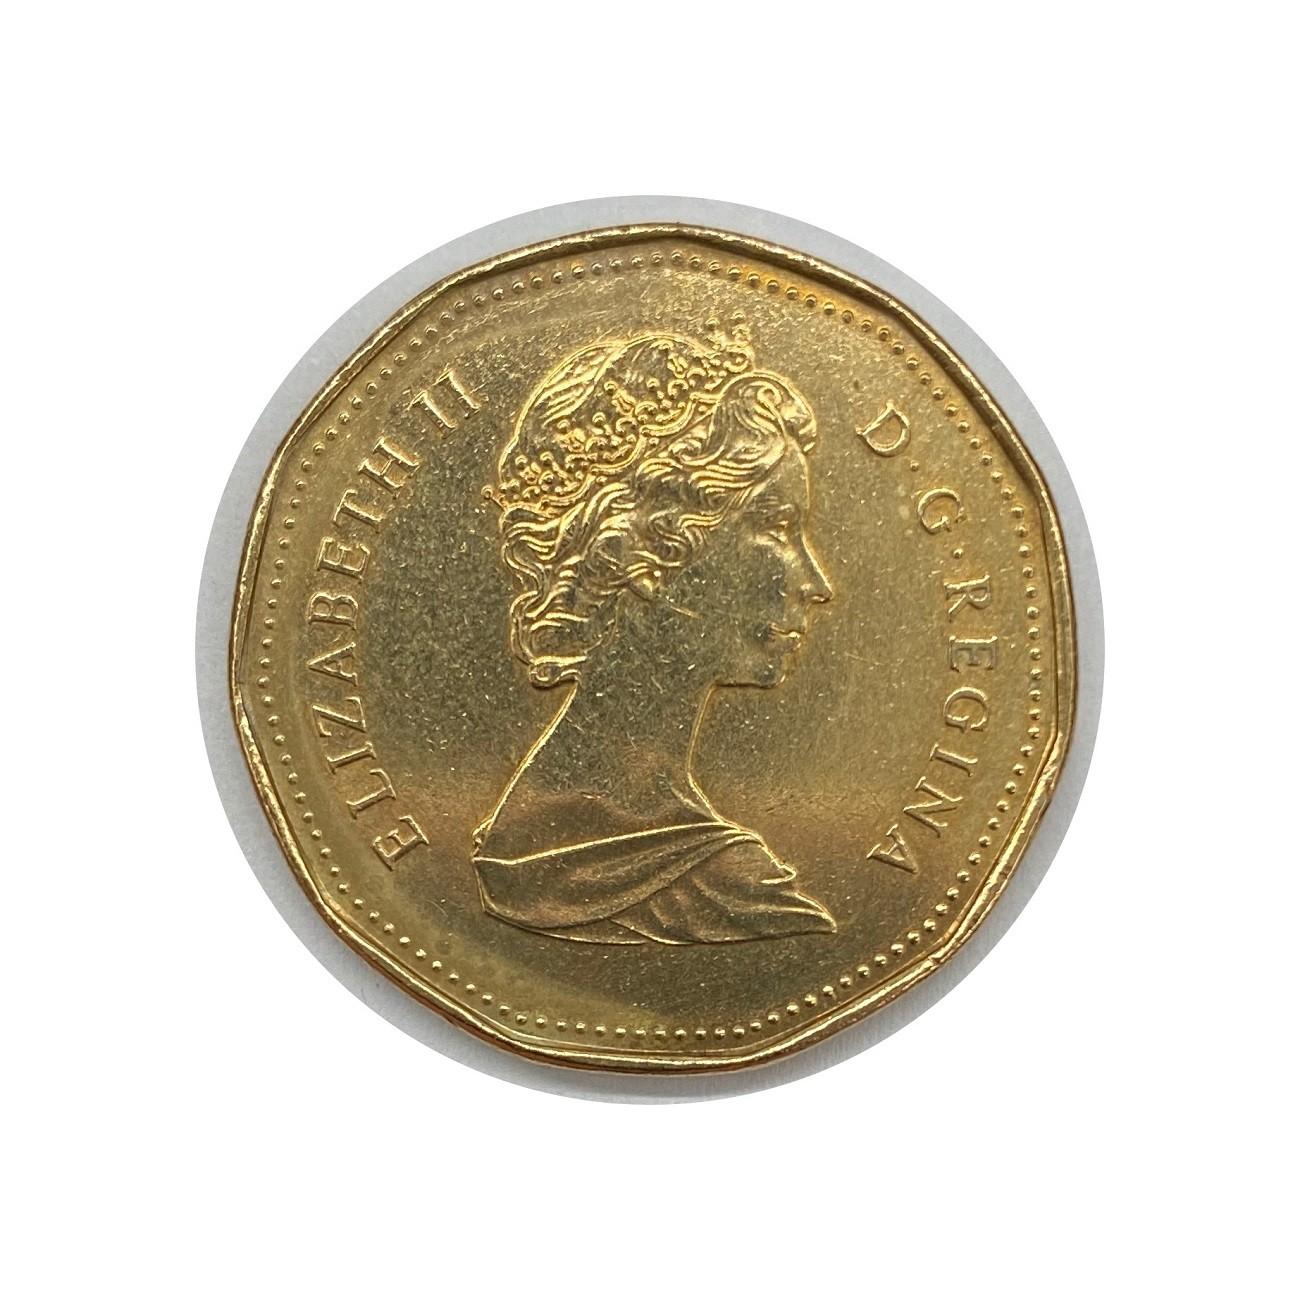 Moeda Canadá Fauna 1 Dólar 1988 MBC